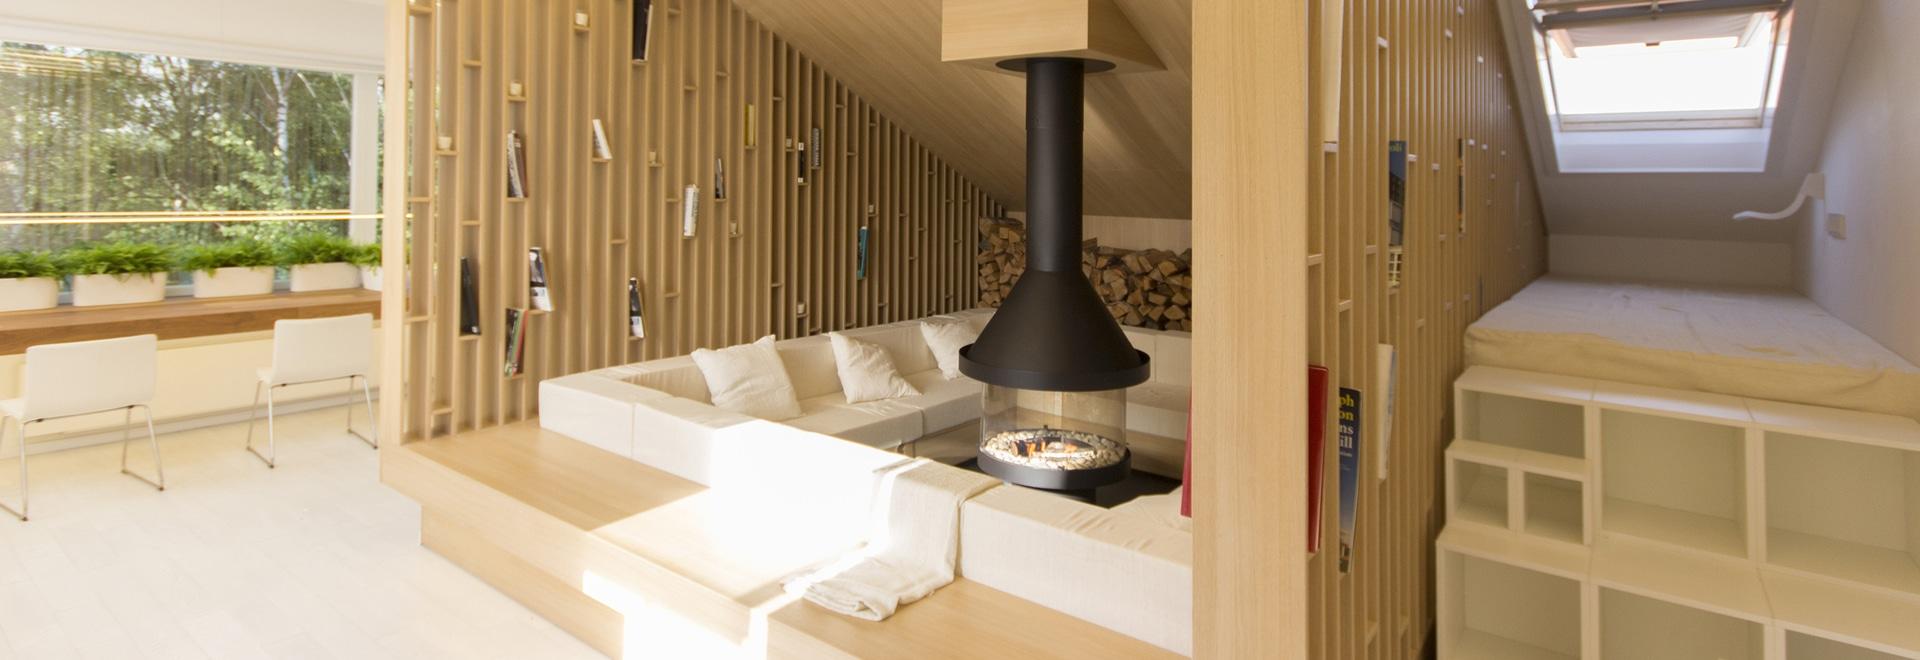 Un salotto confortevole con scaffalature aperte circonda un camino in questa casa